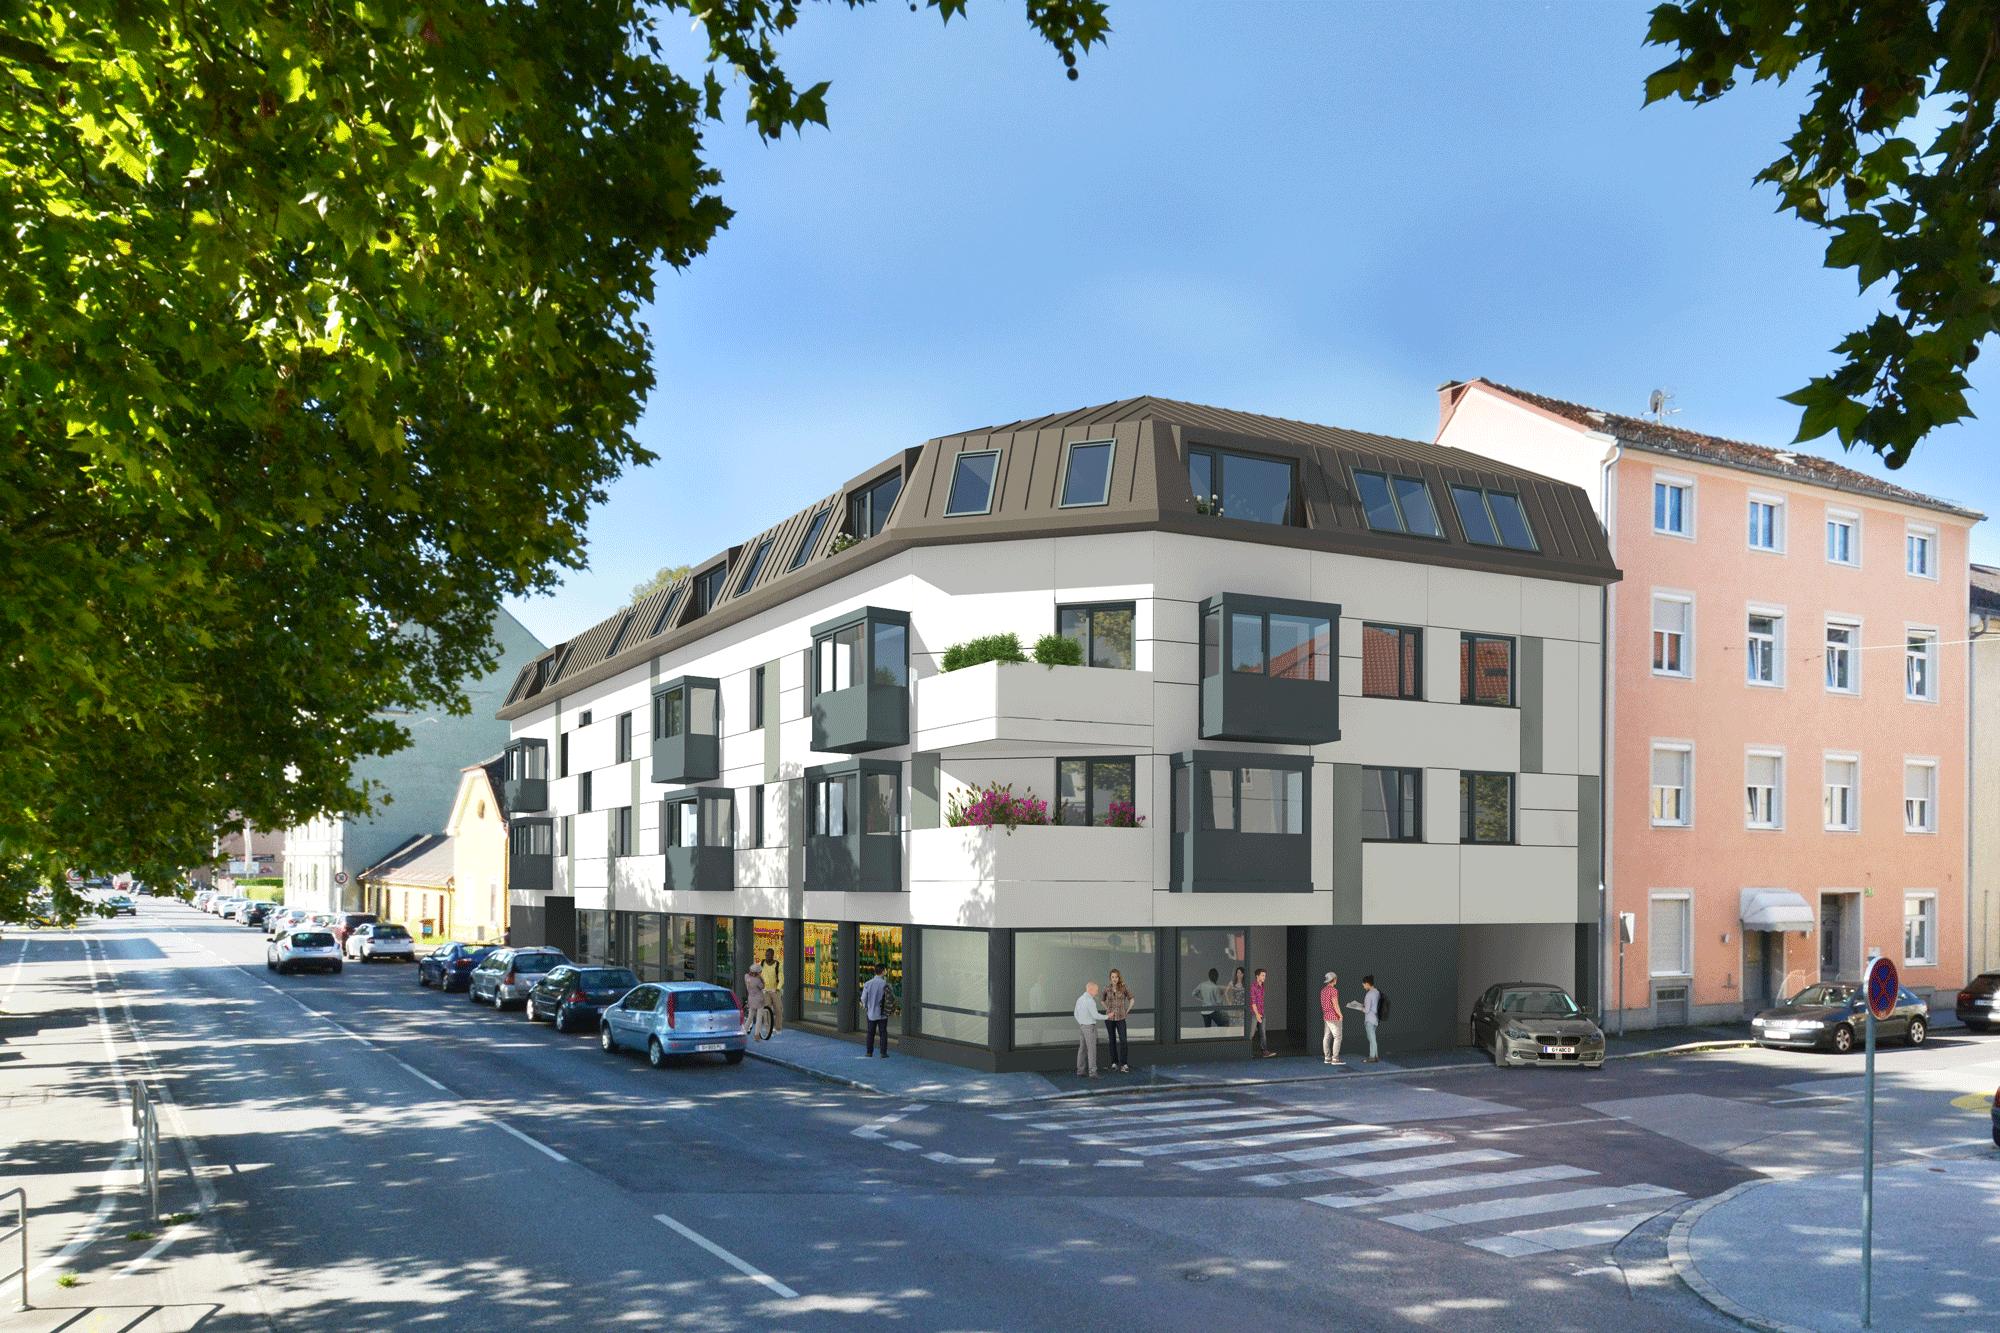 Bodenfeldgasse13_Captura_Vorsorgewohnung_Graz_Lend3